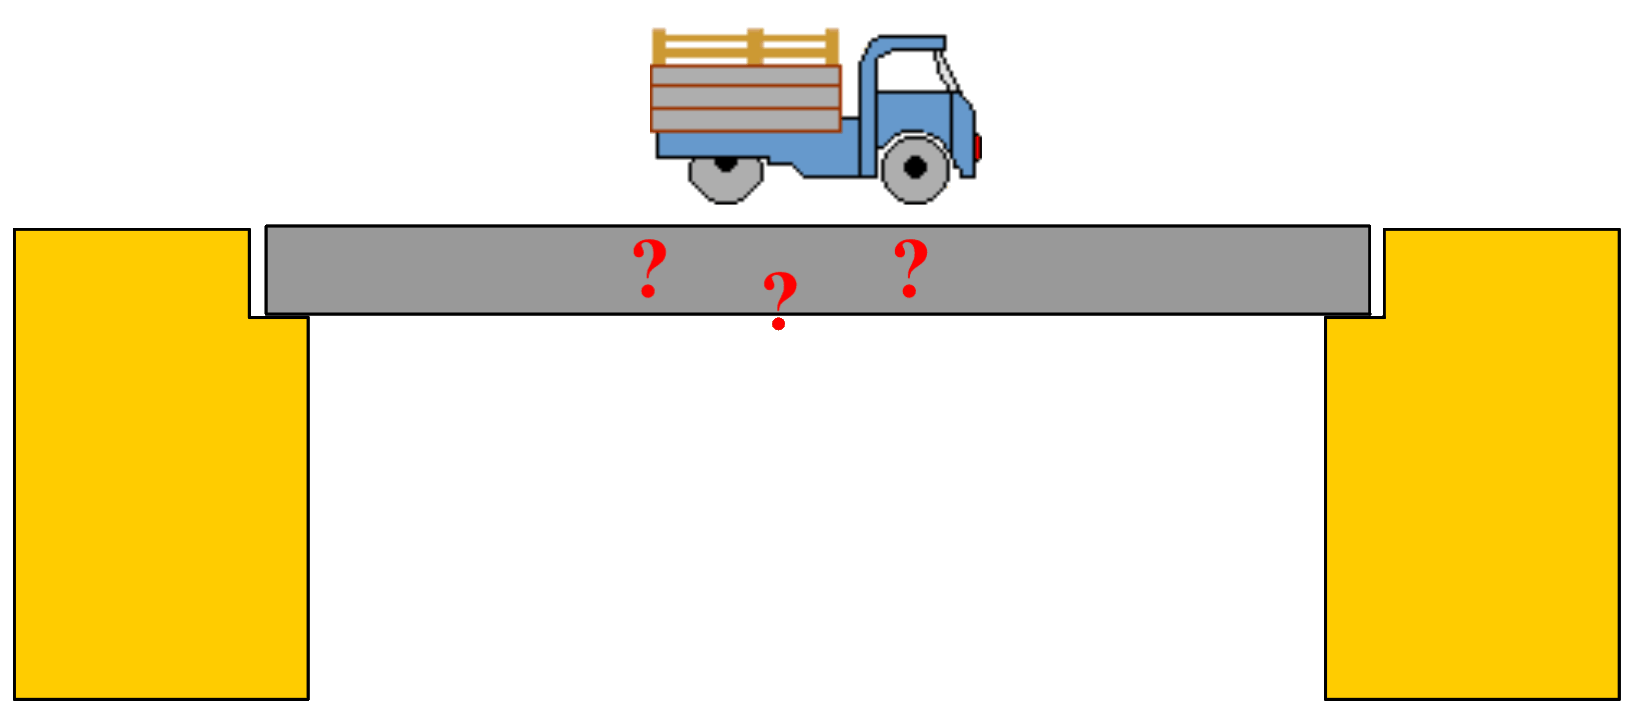 Kräfteaddition und -zerlegung | LEIFI Physik